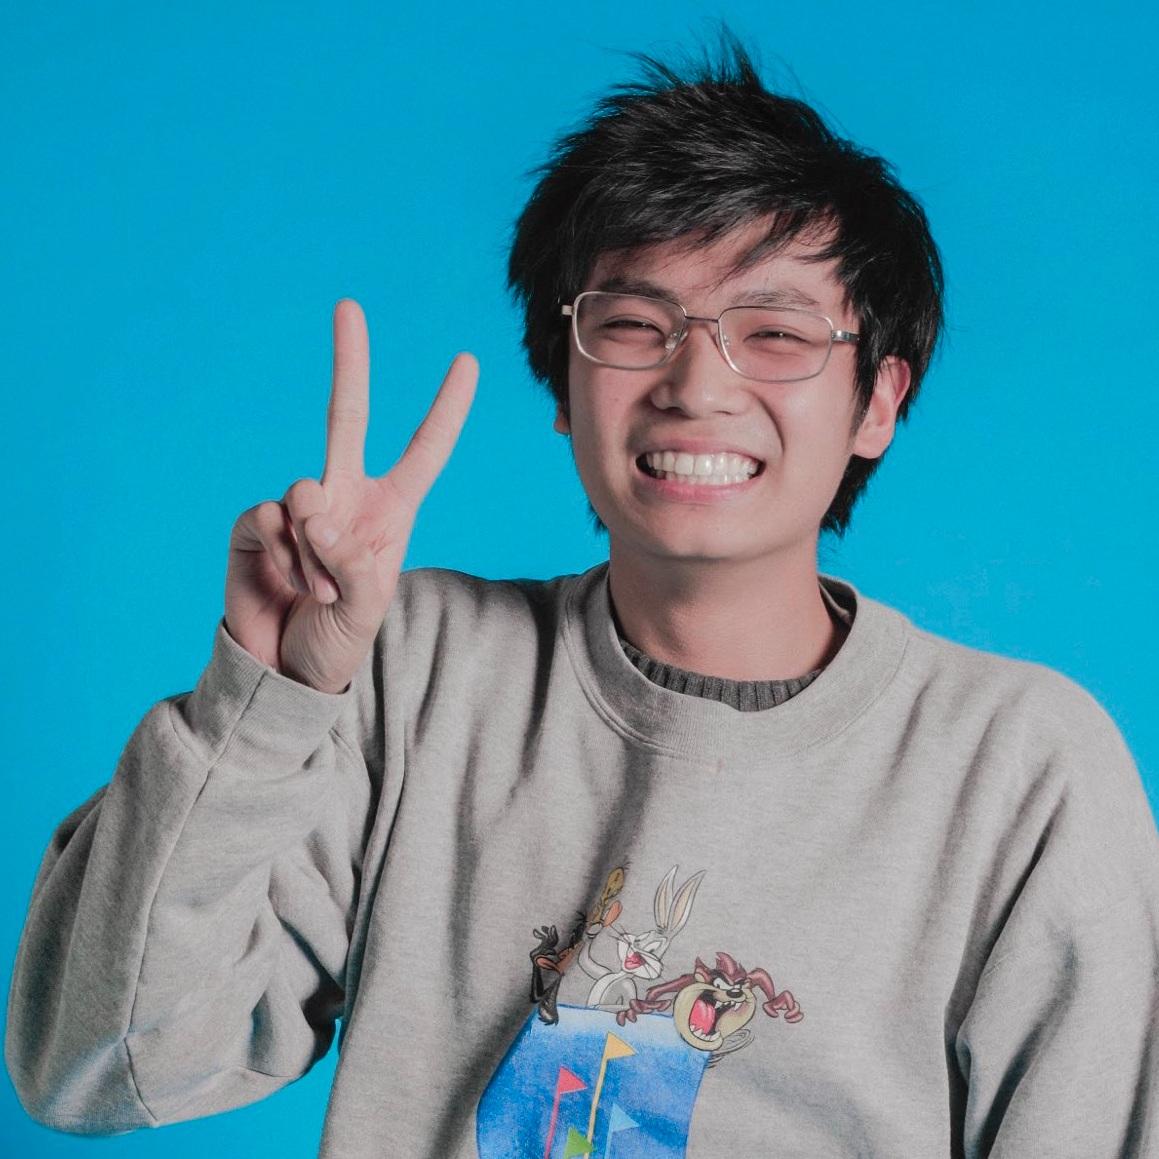 Jacky Dang - Videographer + Journalist